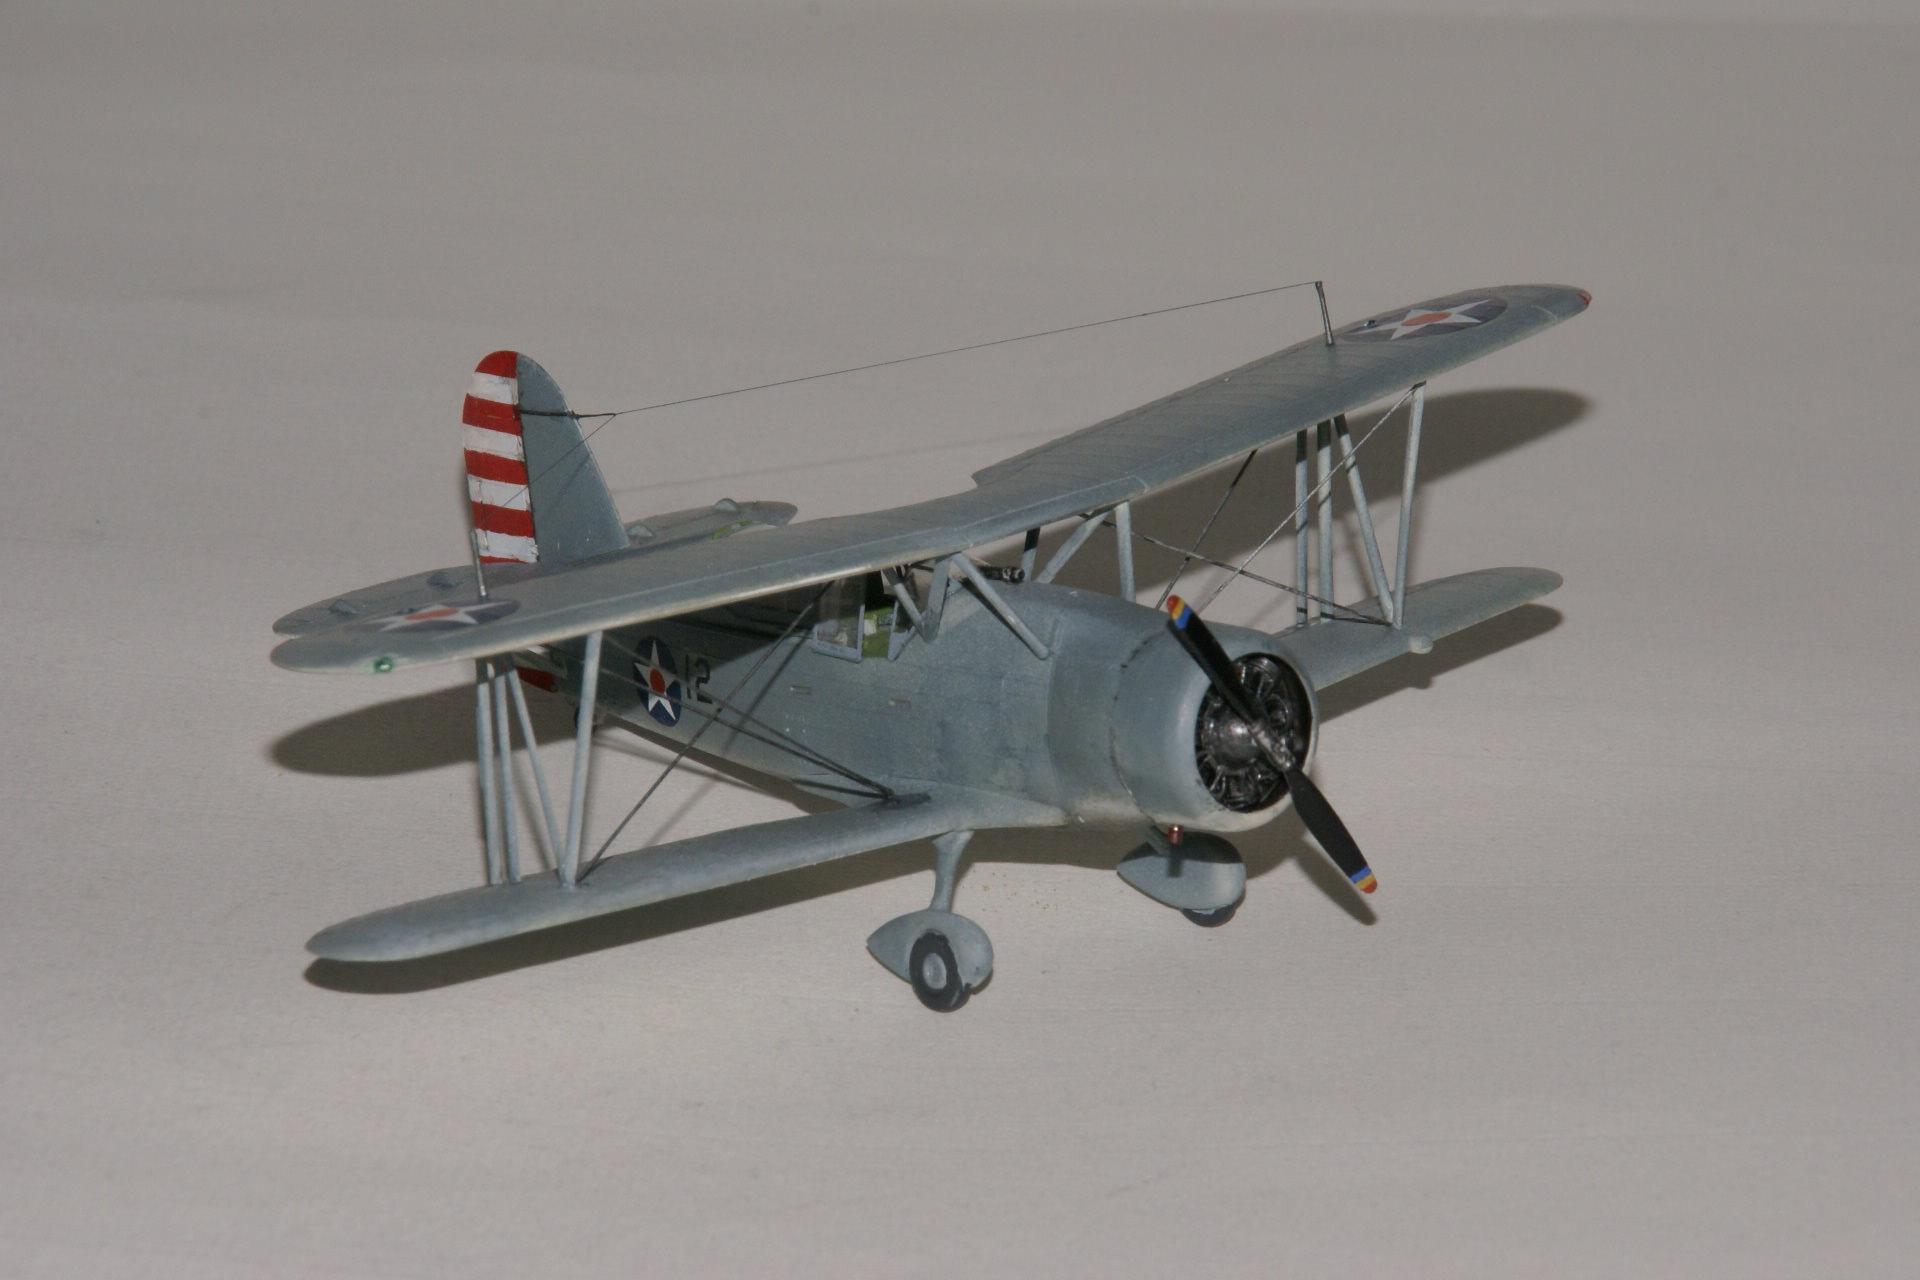 Curtiss soc 3a seagull 4 2